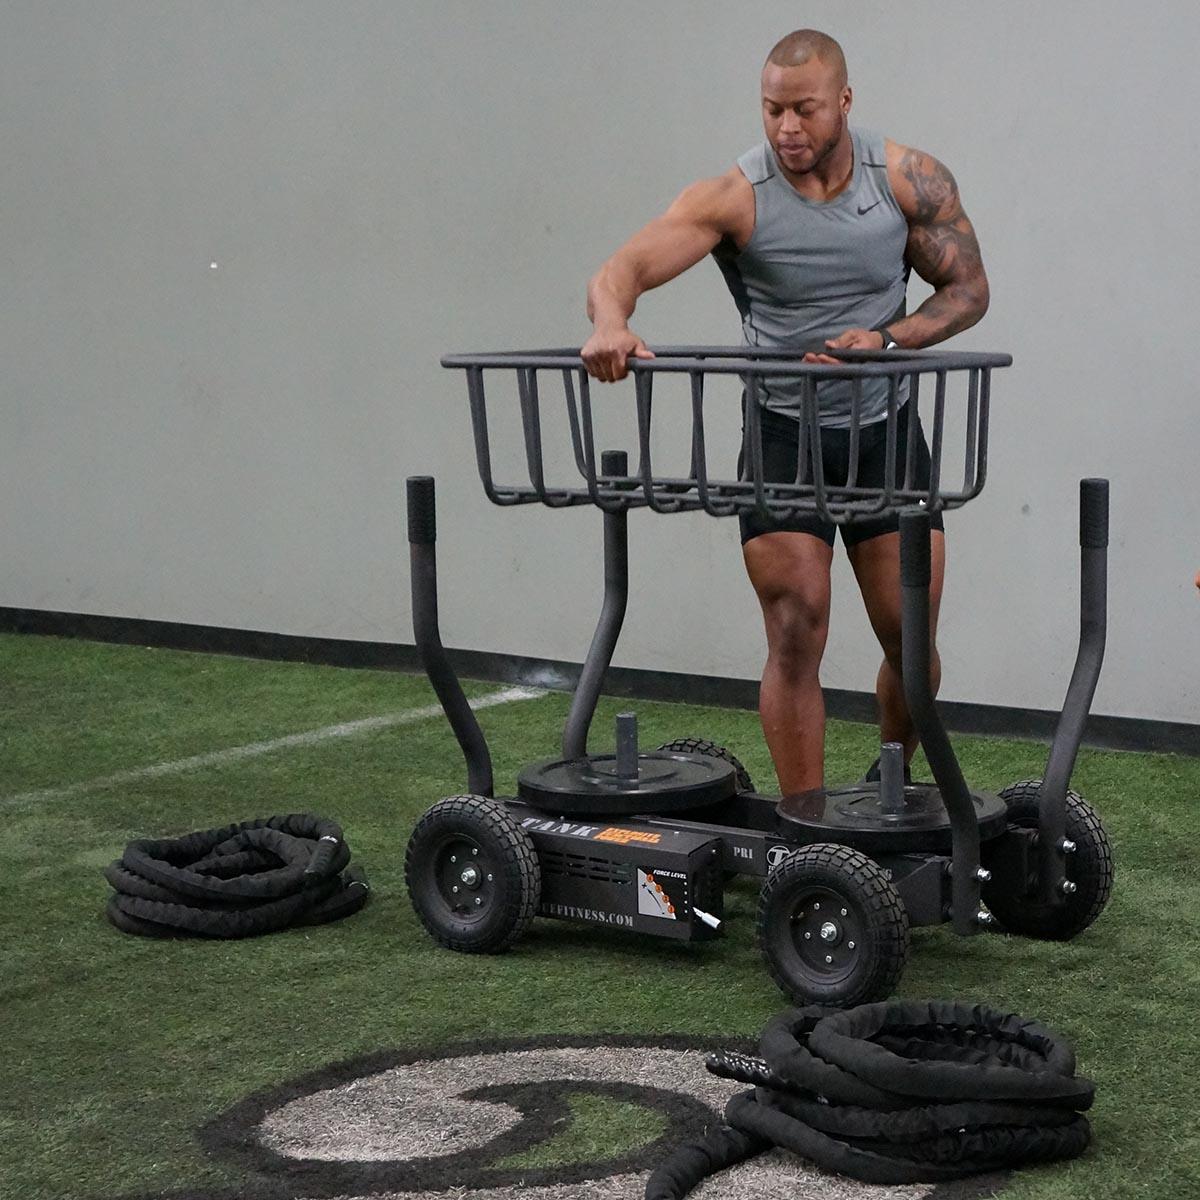 Кросфит шейната има възможност за допълнително оборудване за повече разнообразие на упражненията и натовареността от тренирането с този фитнес уред